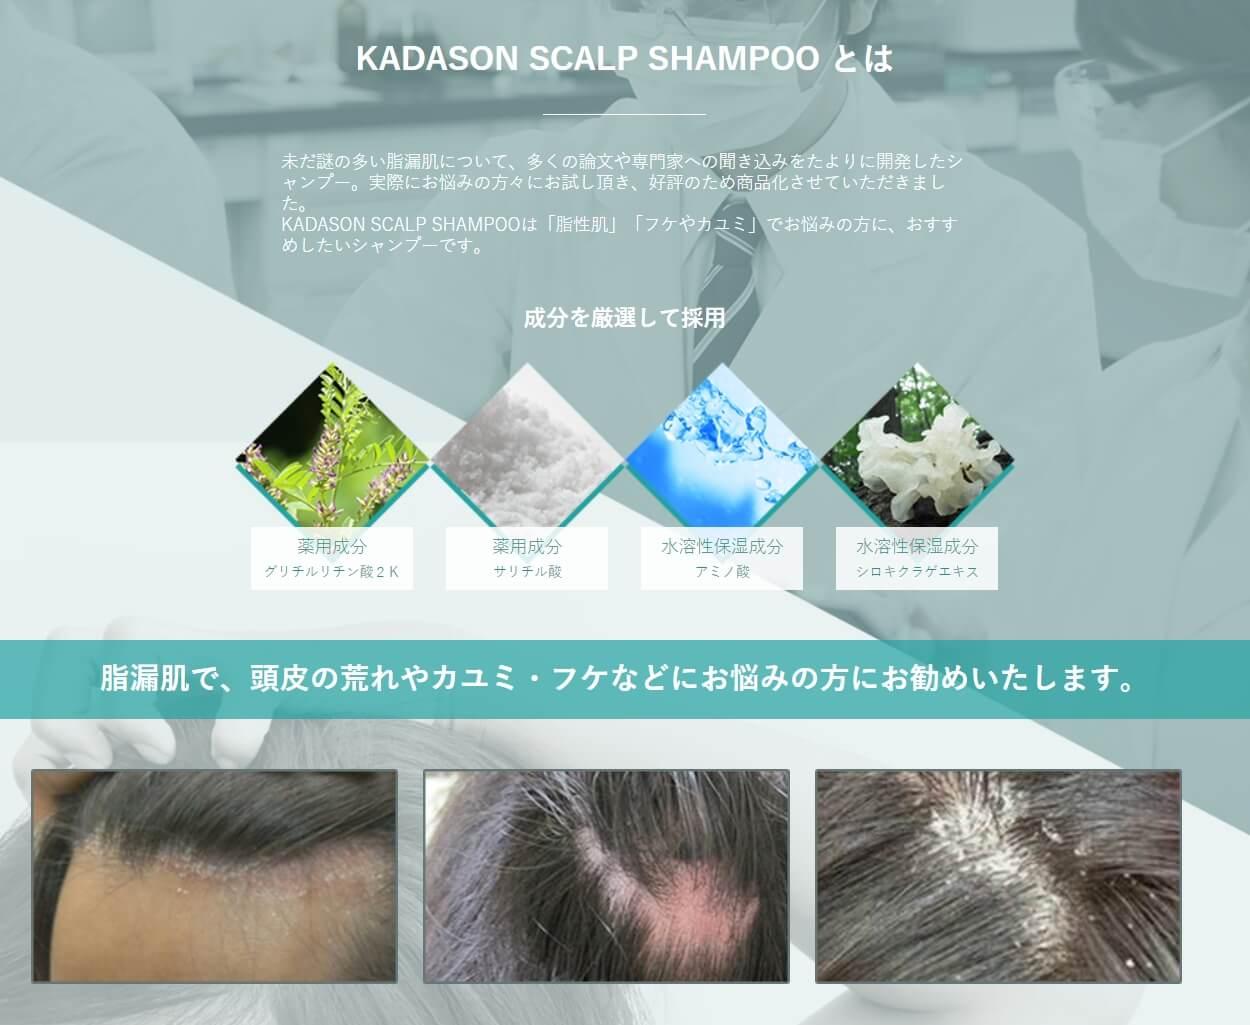 カダソン薬用スカルプシャンプーの効果イメージ画像